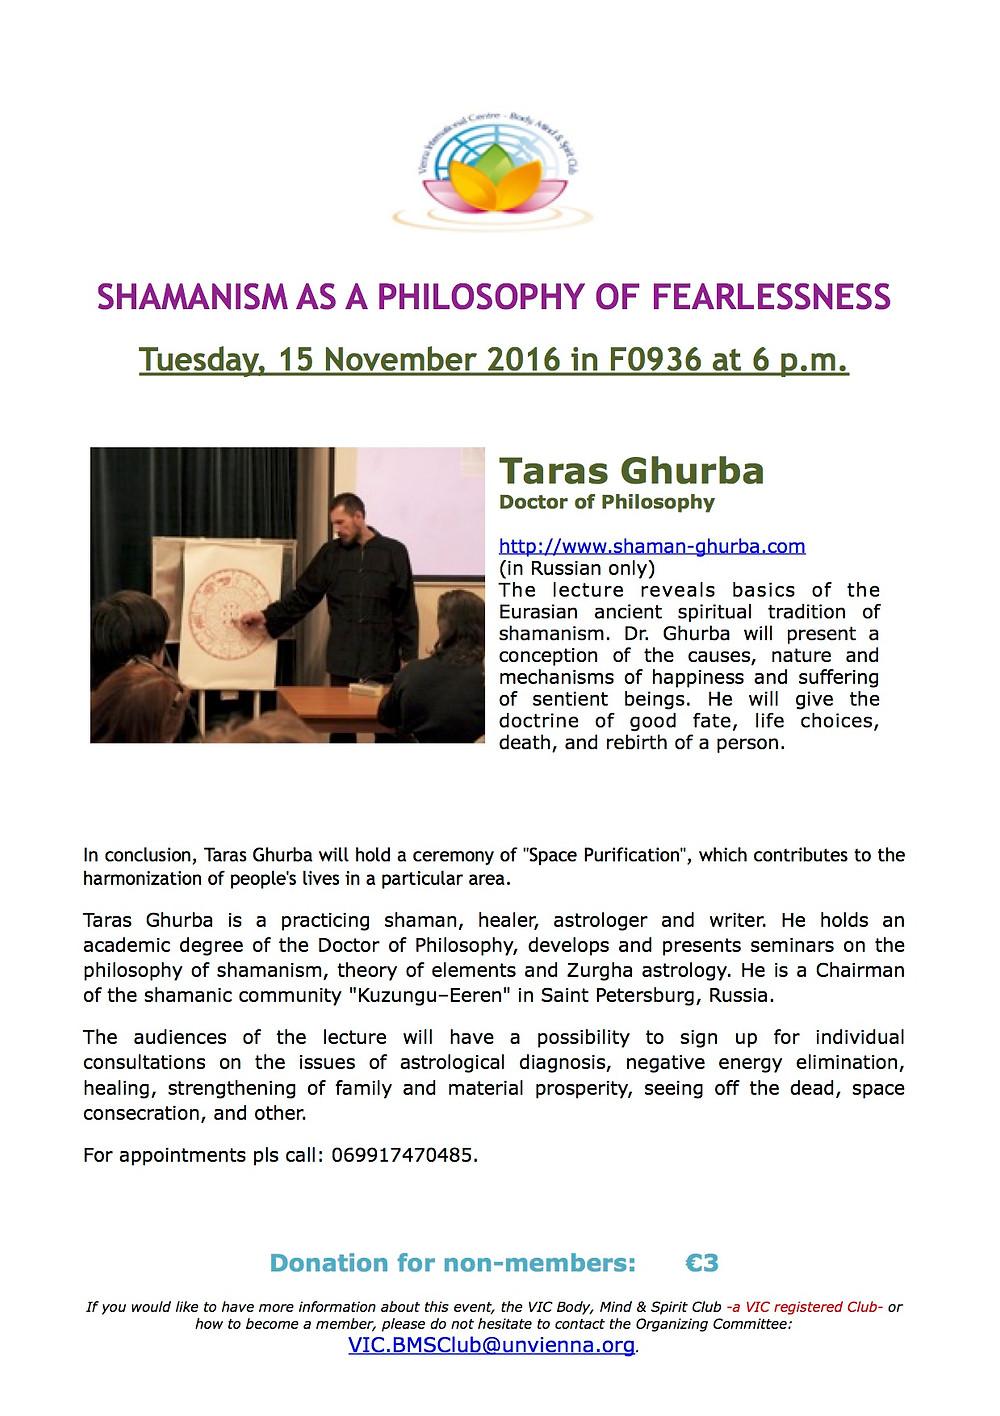 Taras Ghurba, shaman, Lecture Taras Ghurba, seminar about shamanism